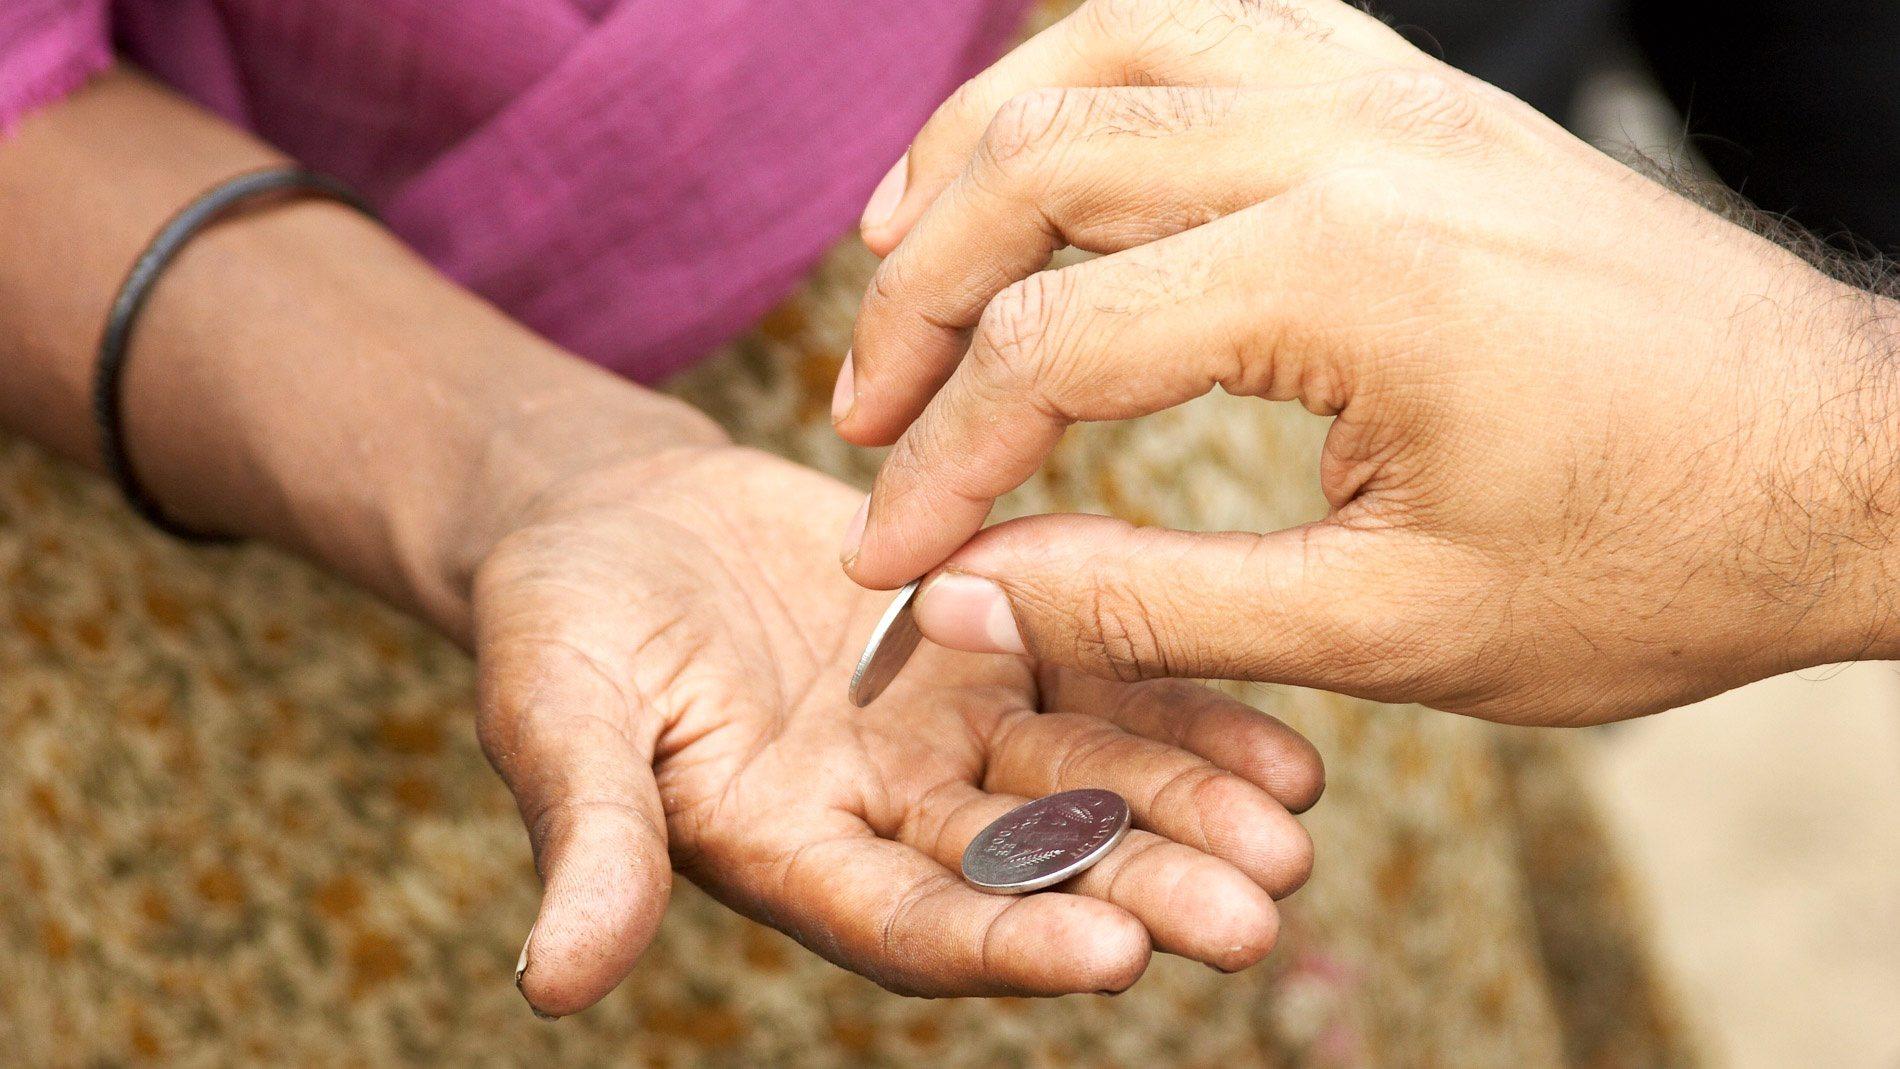 Благотворительность как способ развития бизнеса и защиты от сердечно-сосудистых заболеваний